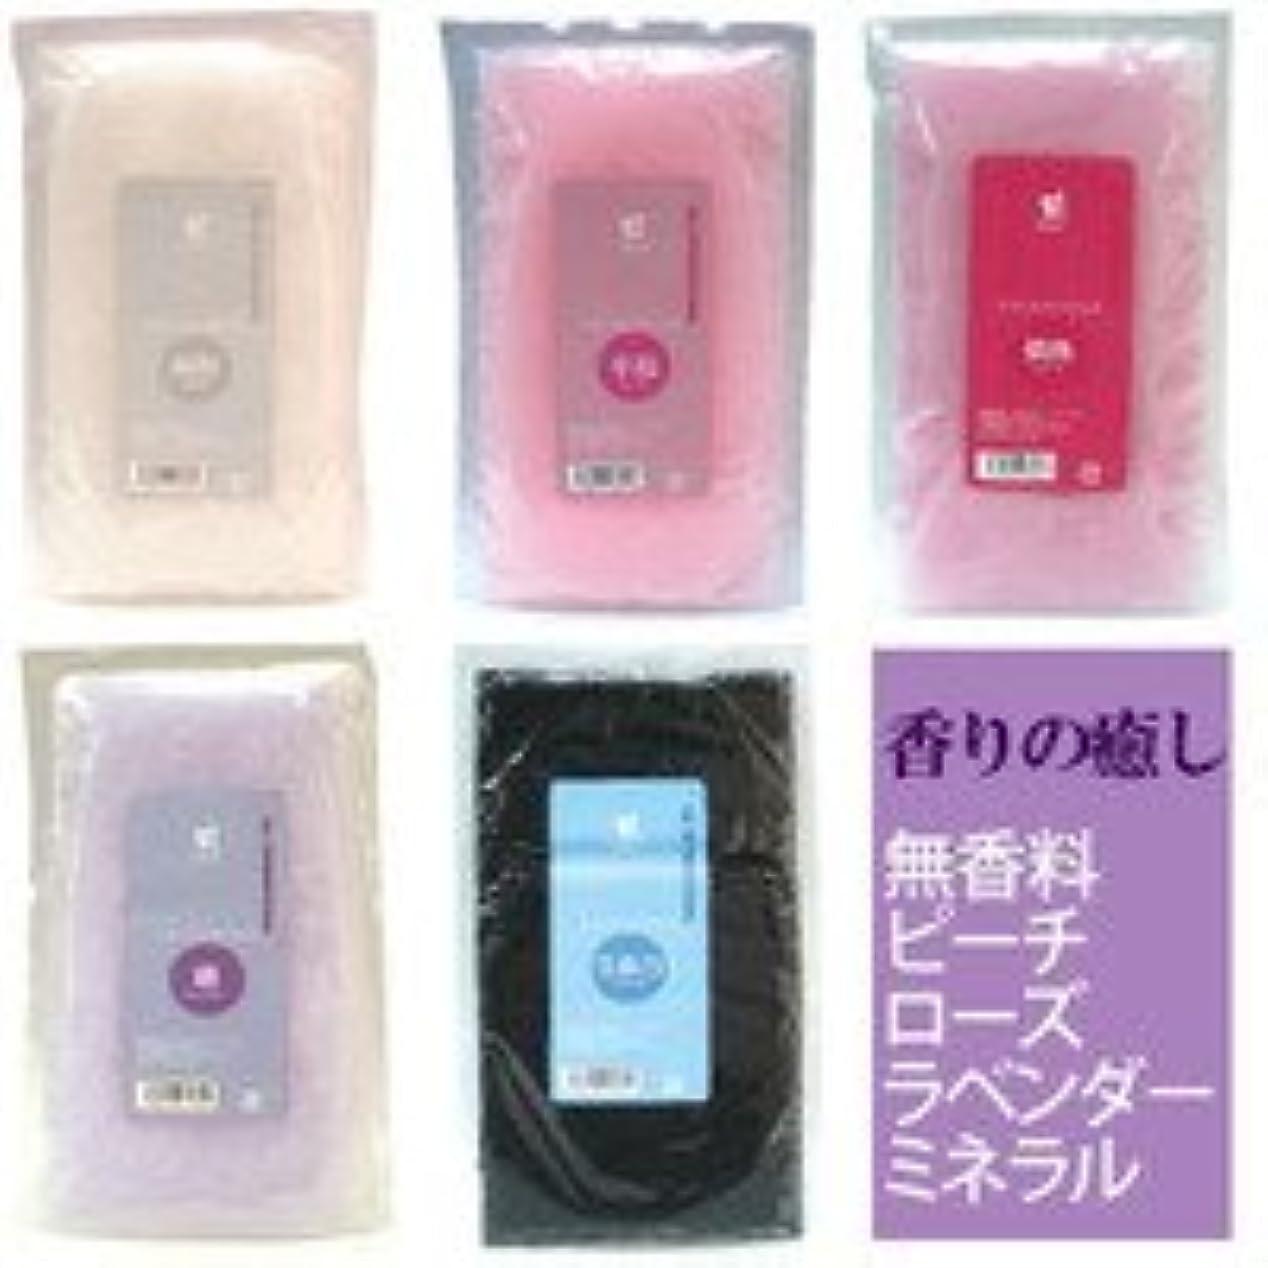 パラフィンパック 【トリートメントパック】 450g (情熱(ローズ))